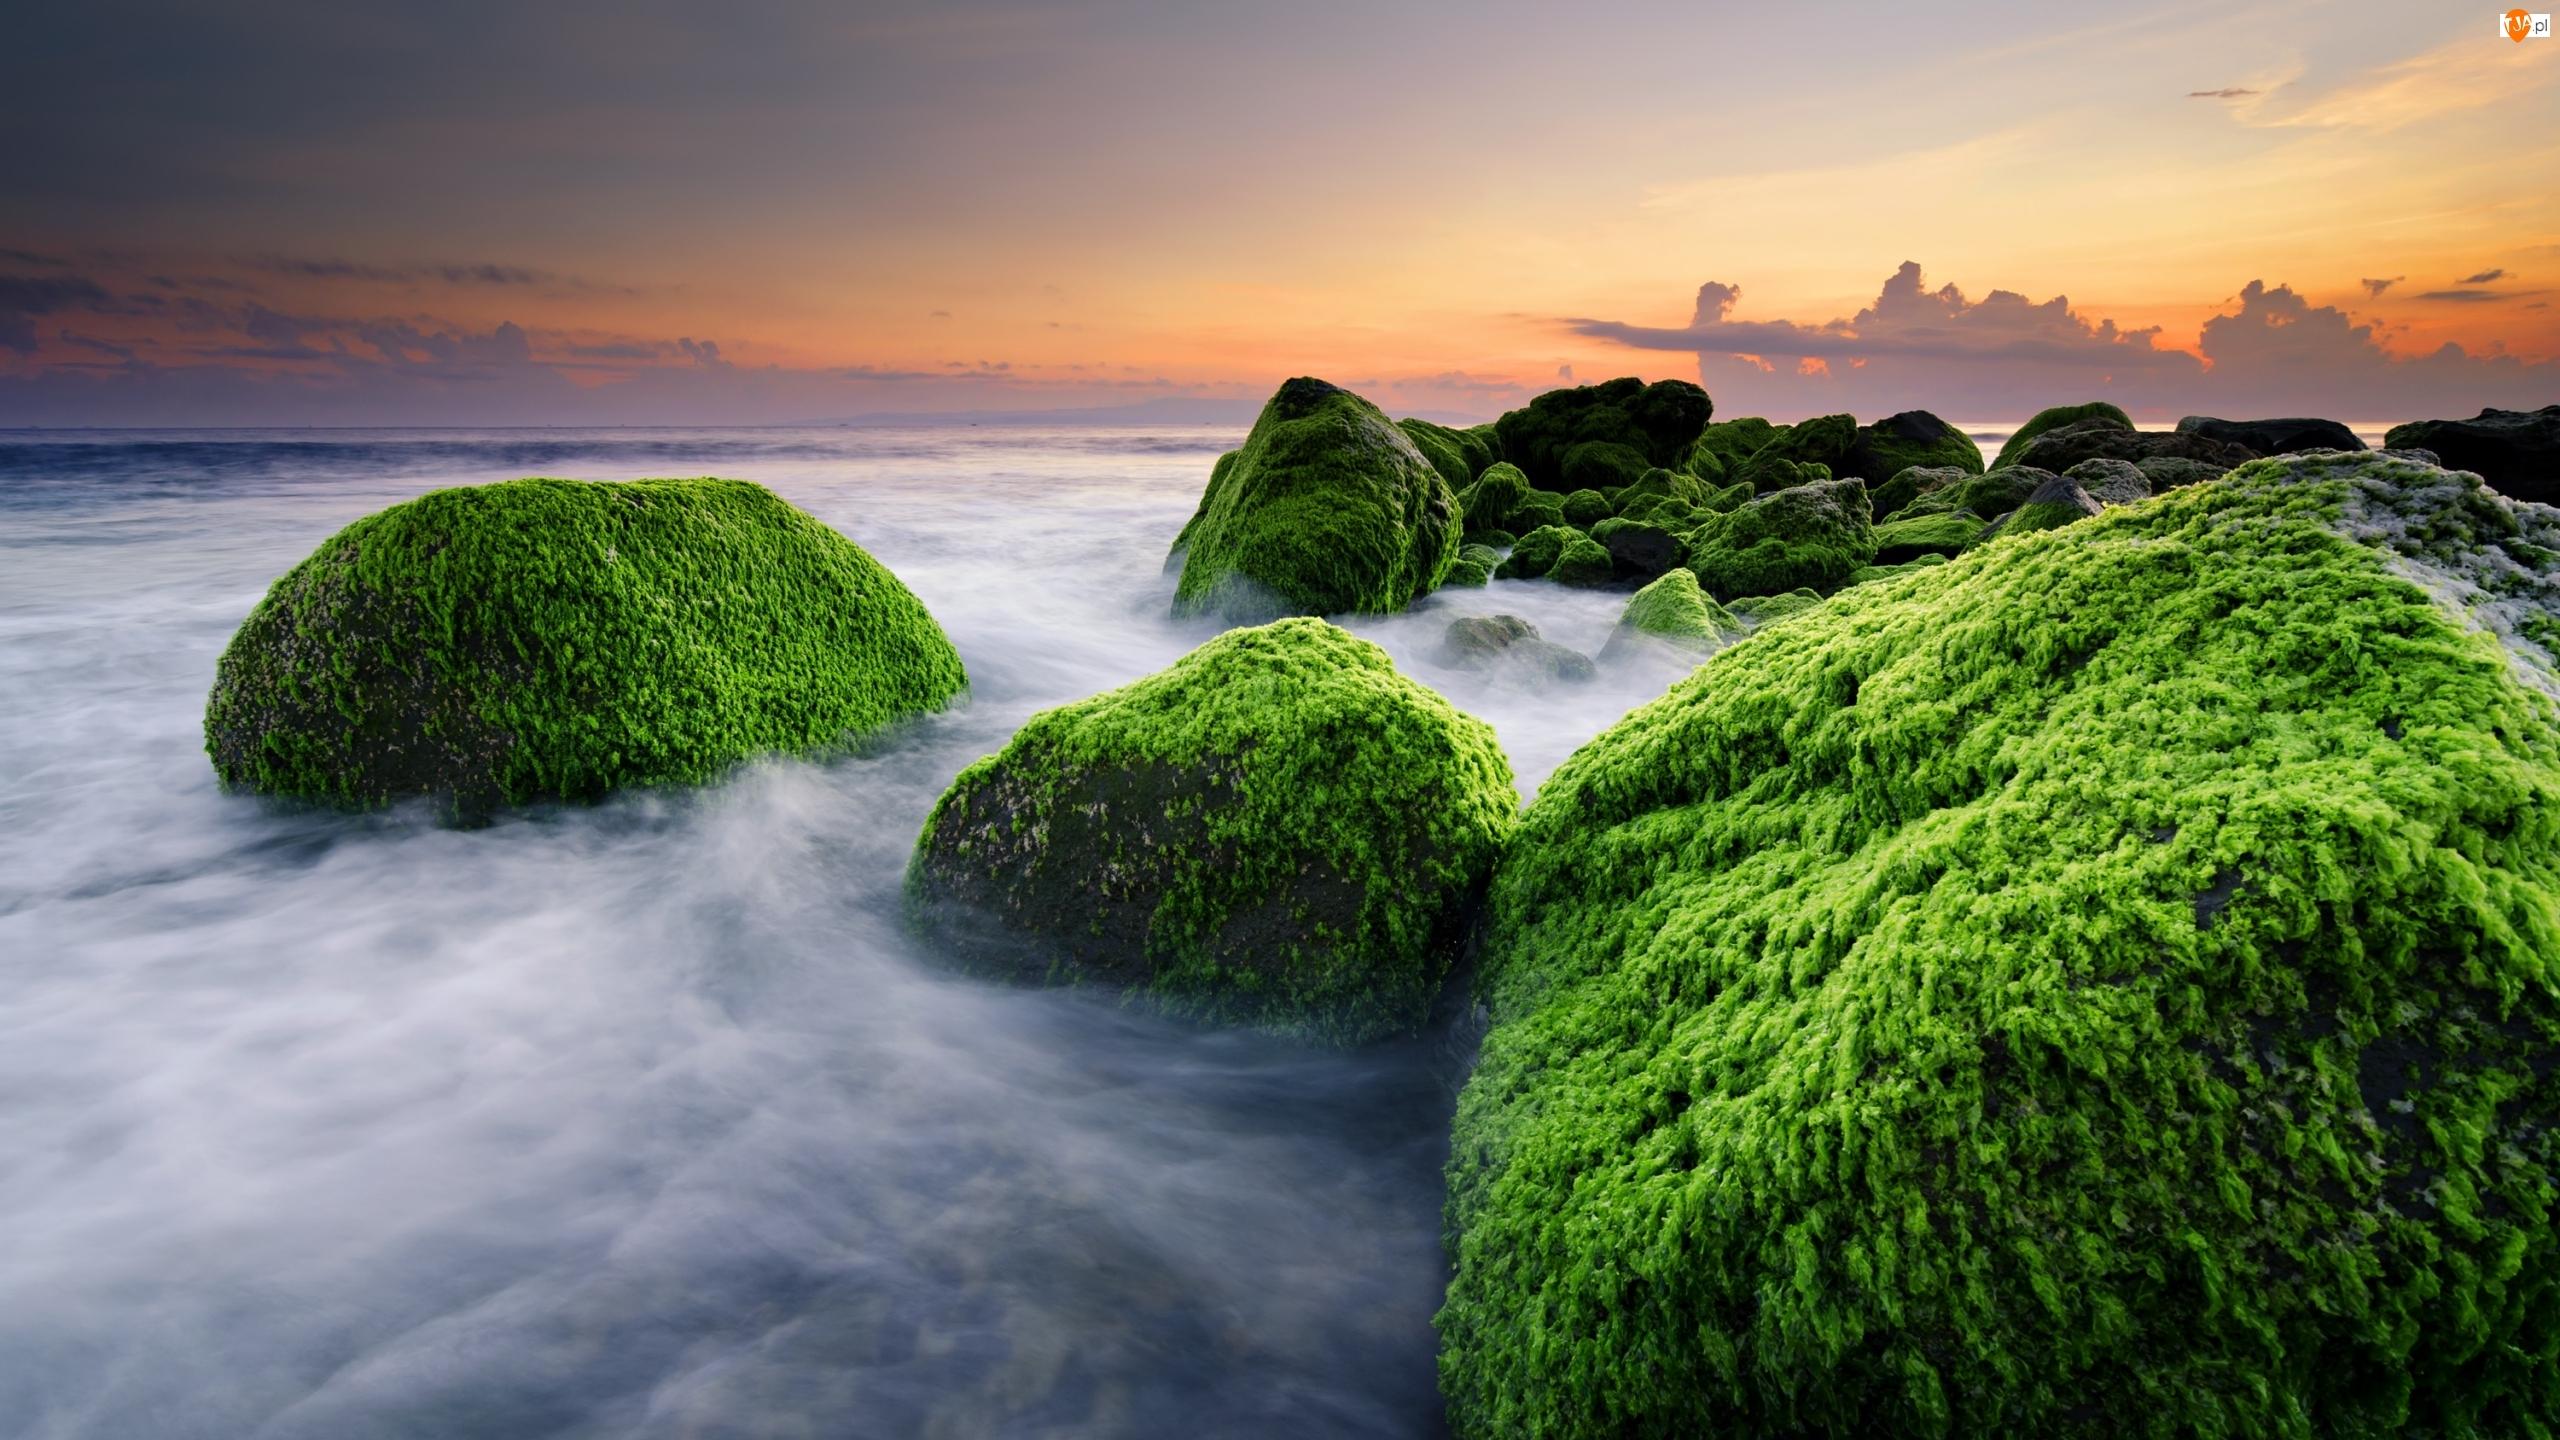 Kamienie, Morze, Bali, Indonezja, Wschód Słońca, Masceti Beach, Omszałe